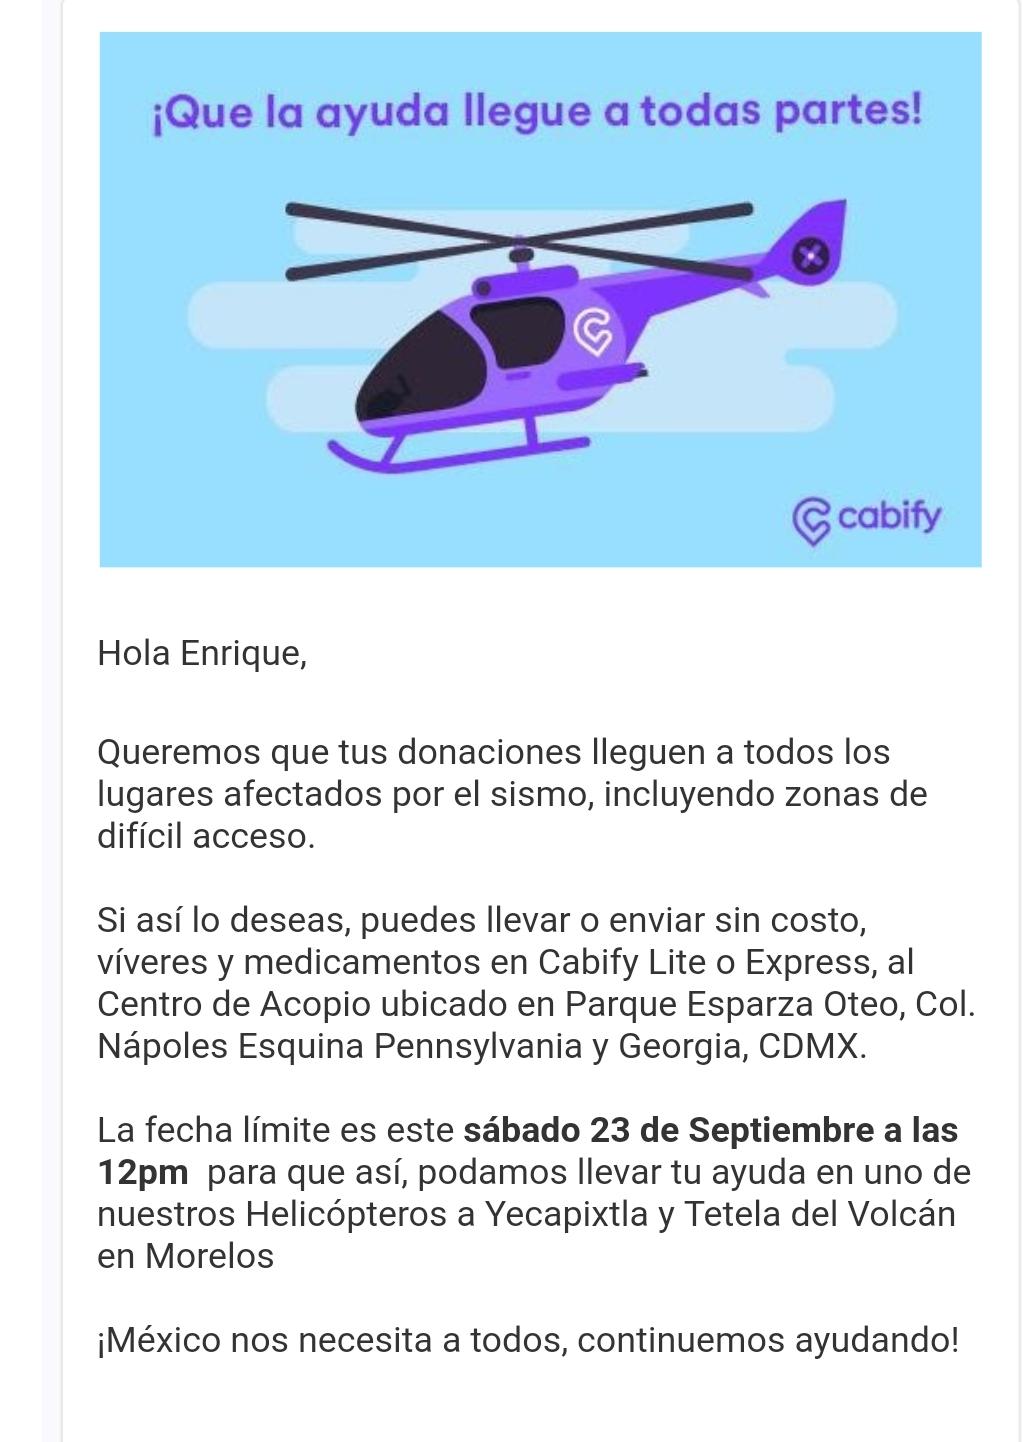 Cabify: envía donativos en helicoptero.